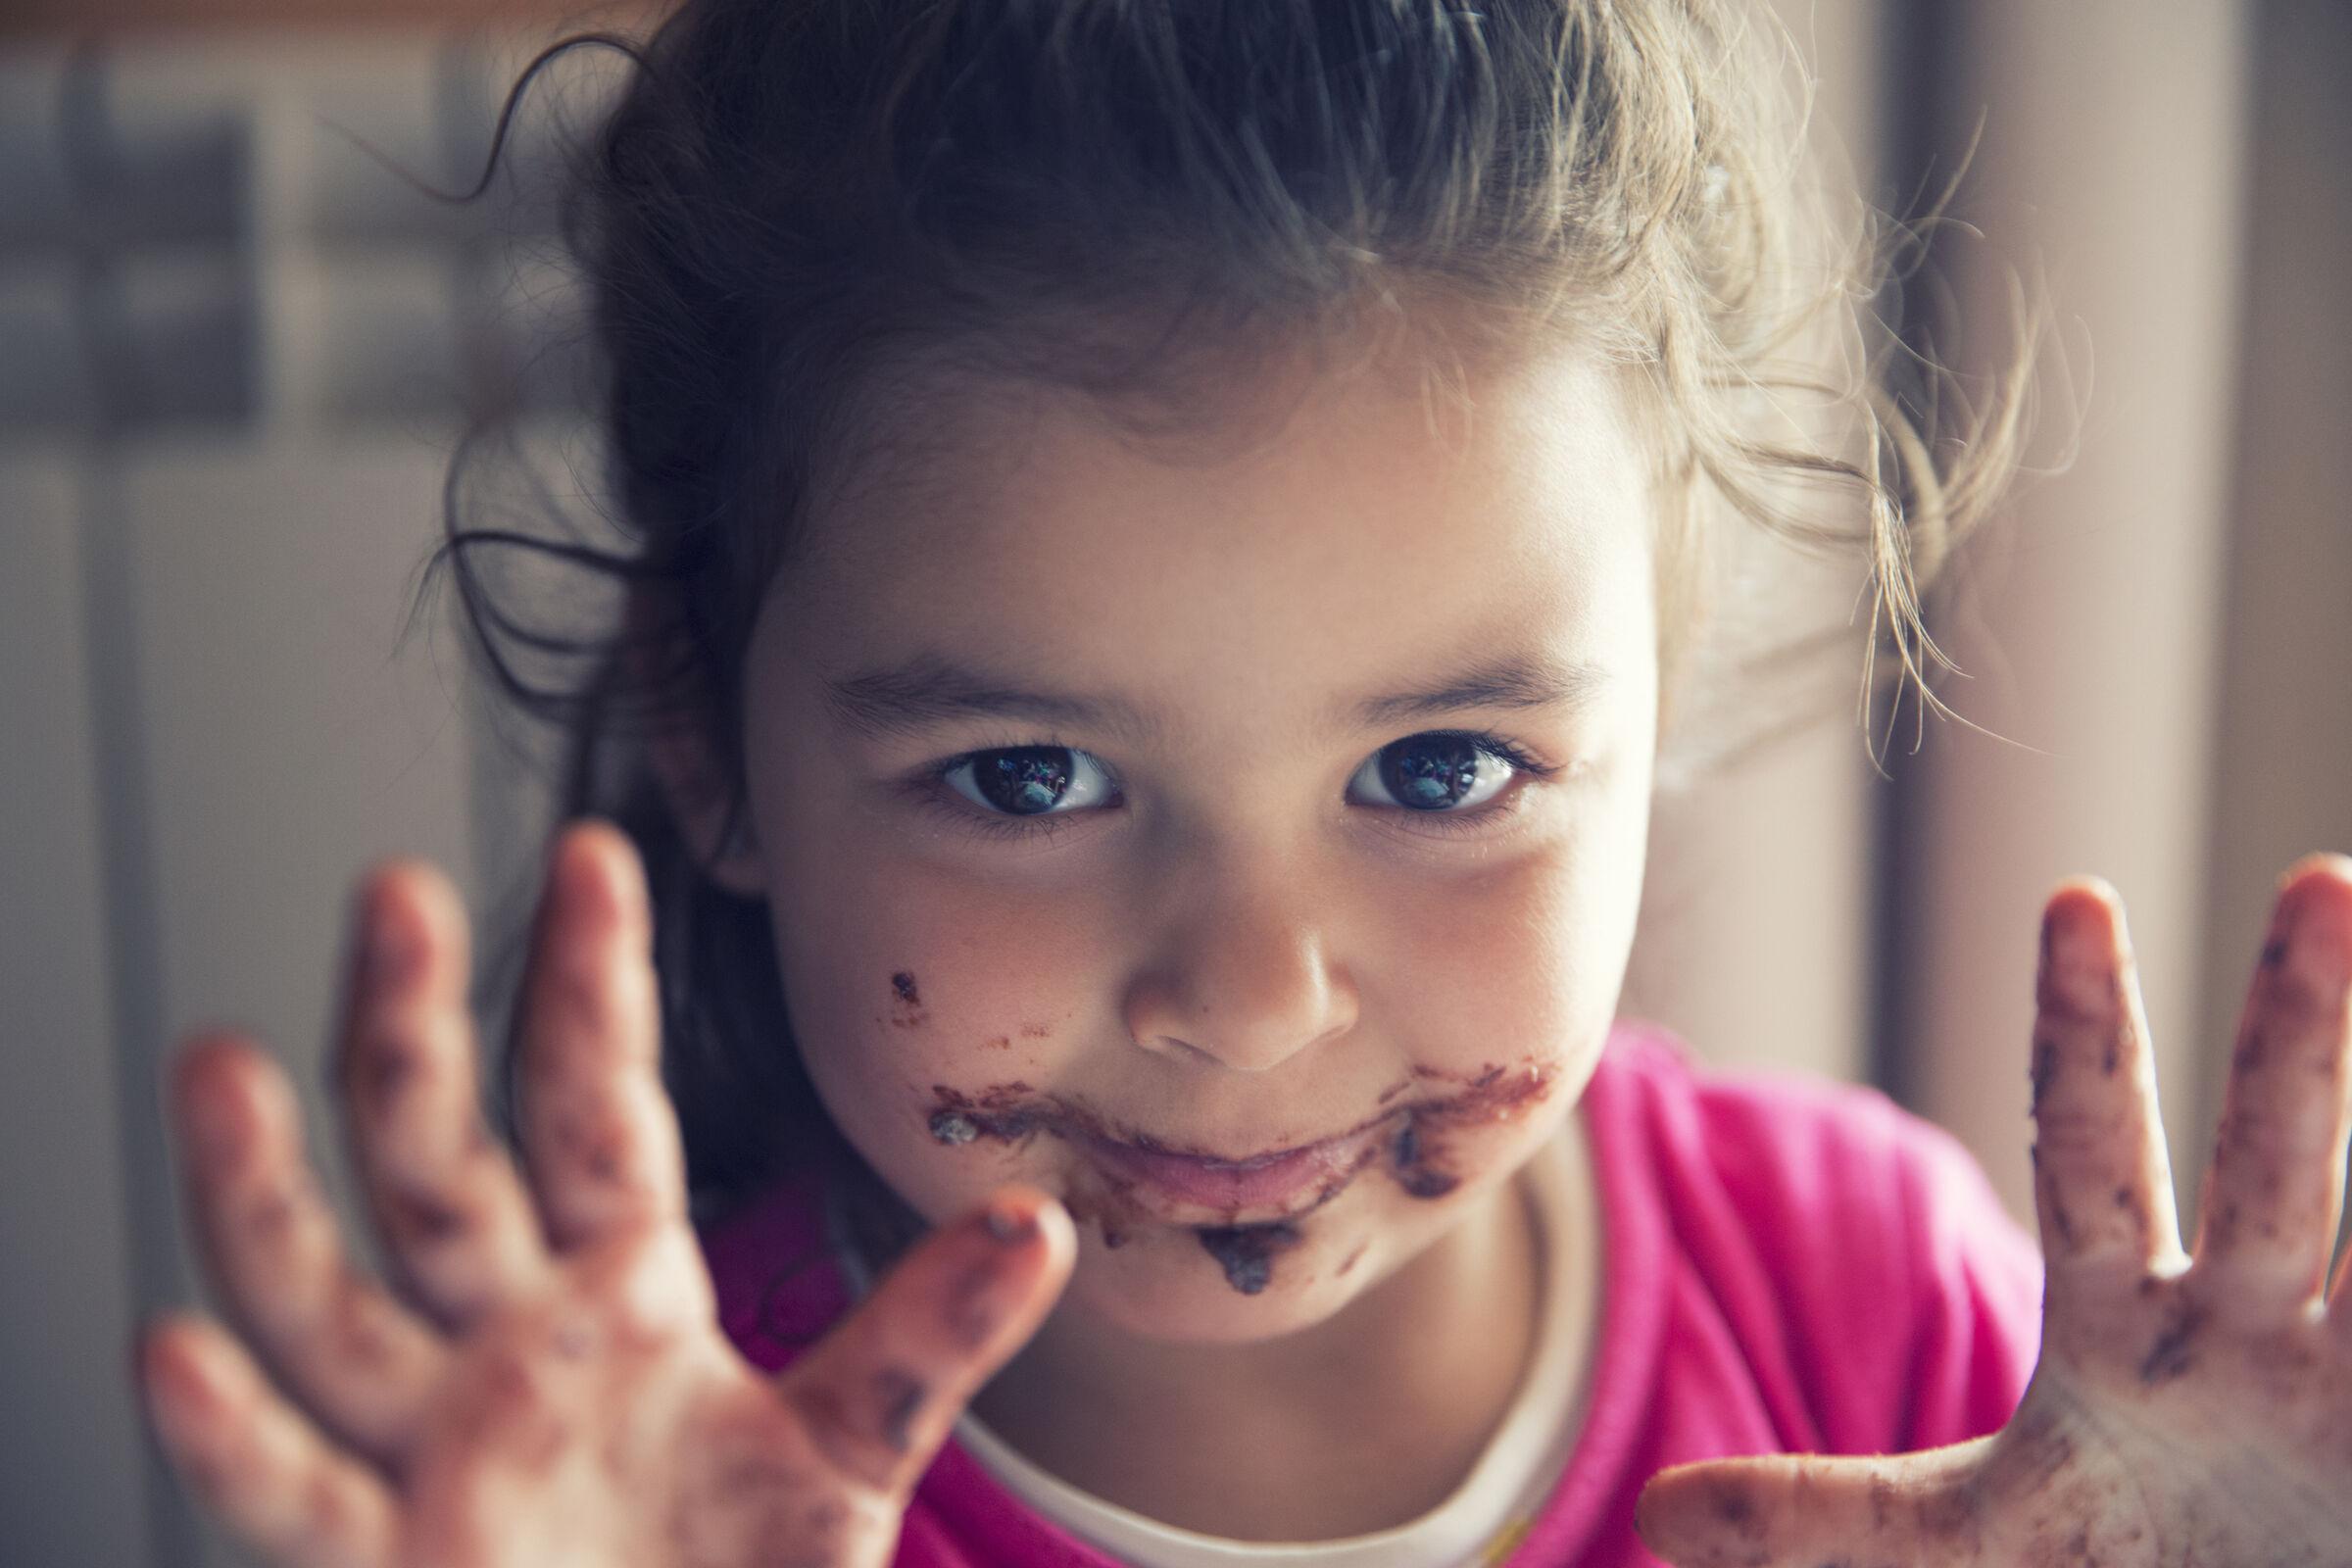 Menina com a boca e mãos sujas de chocolate